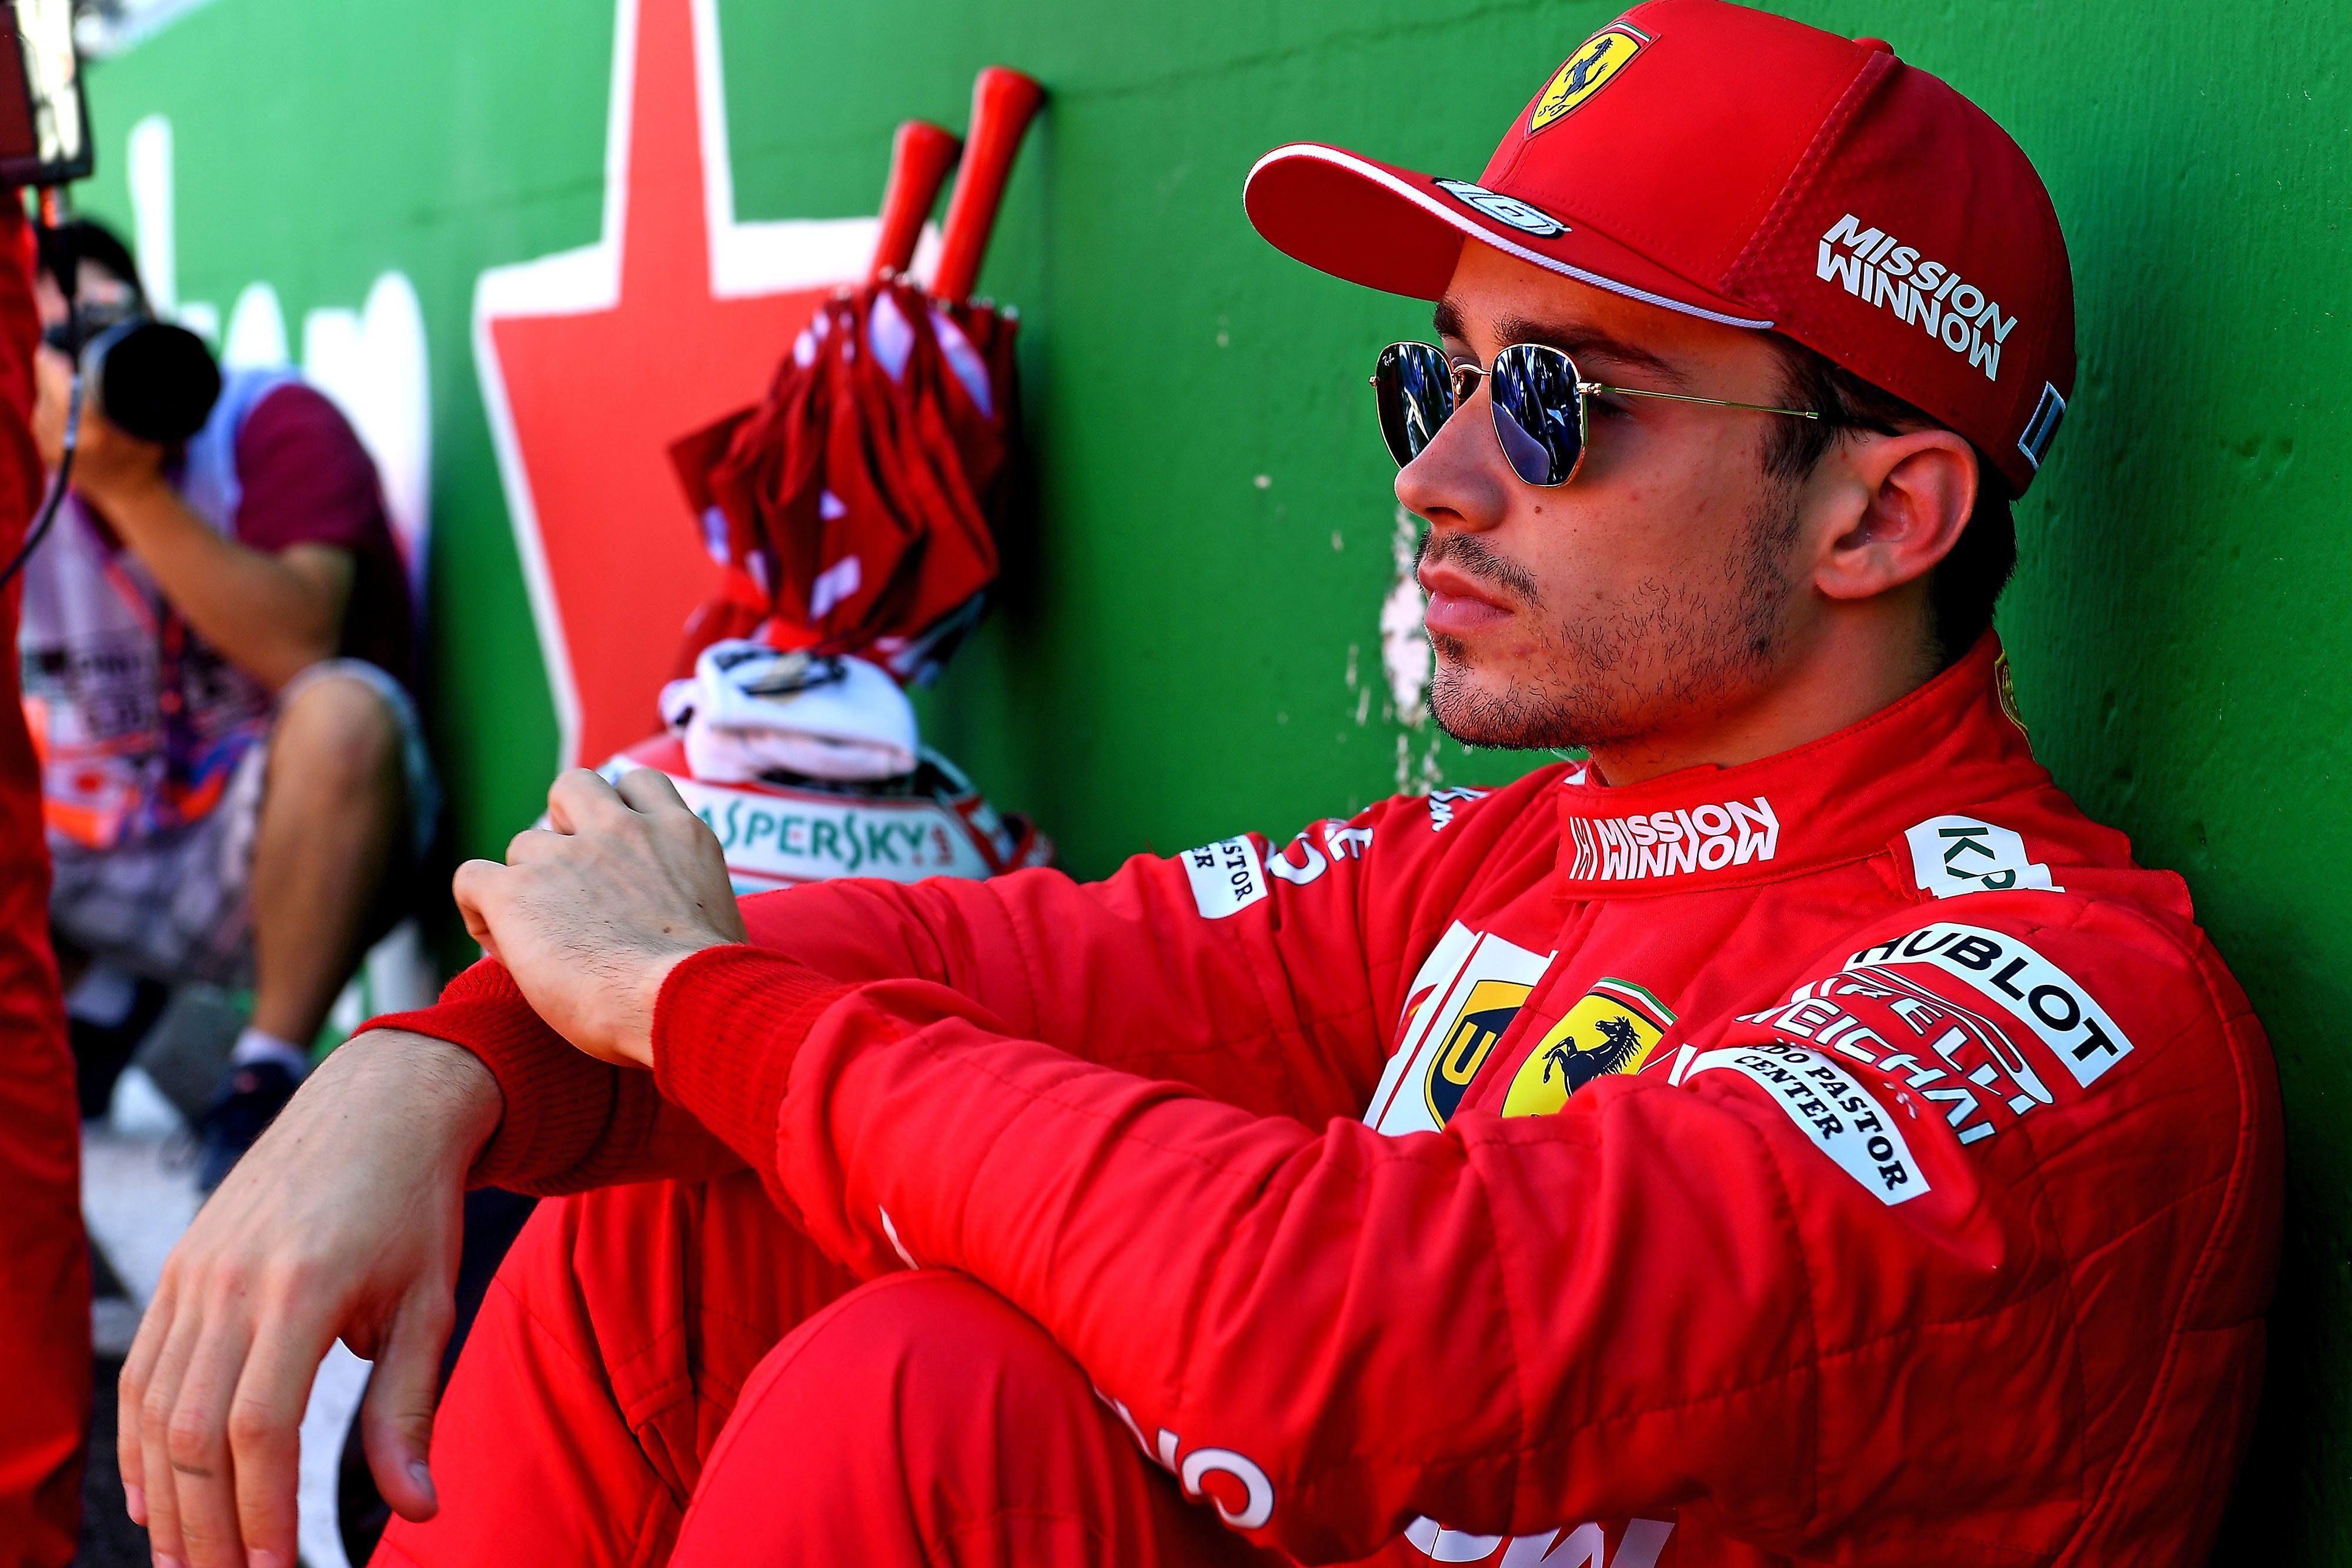 Officiel : Charles Leclerc perd sa sixième place, Ferrari reçoit une amende 17